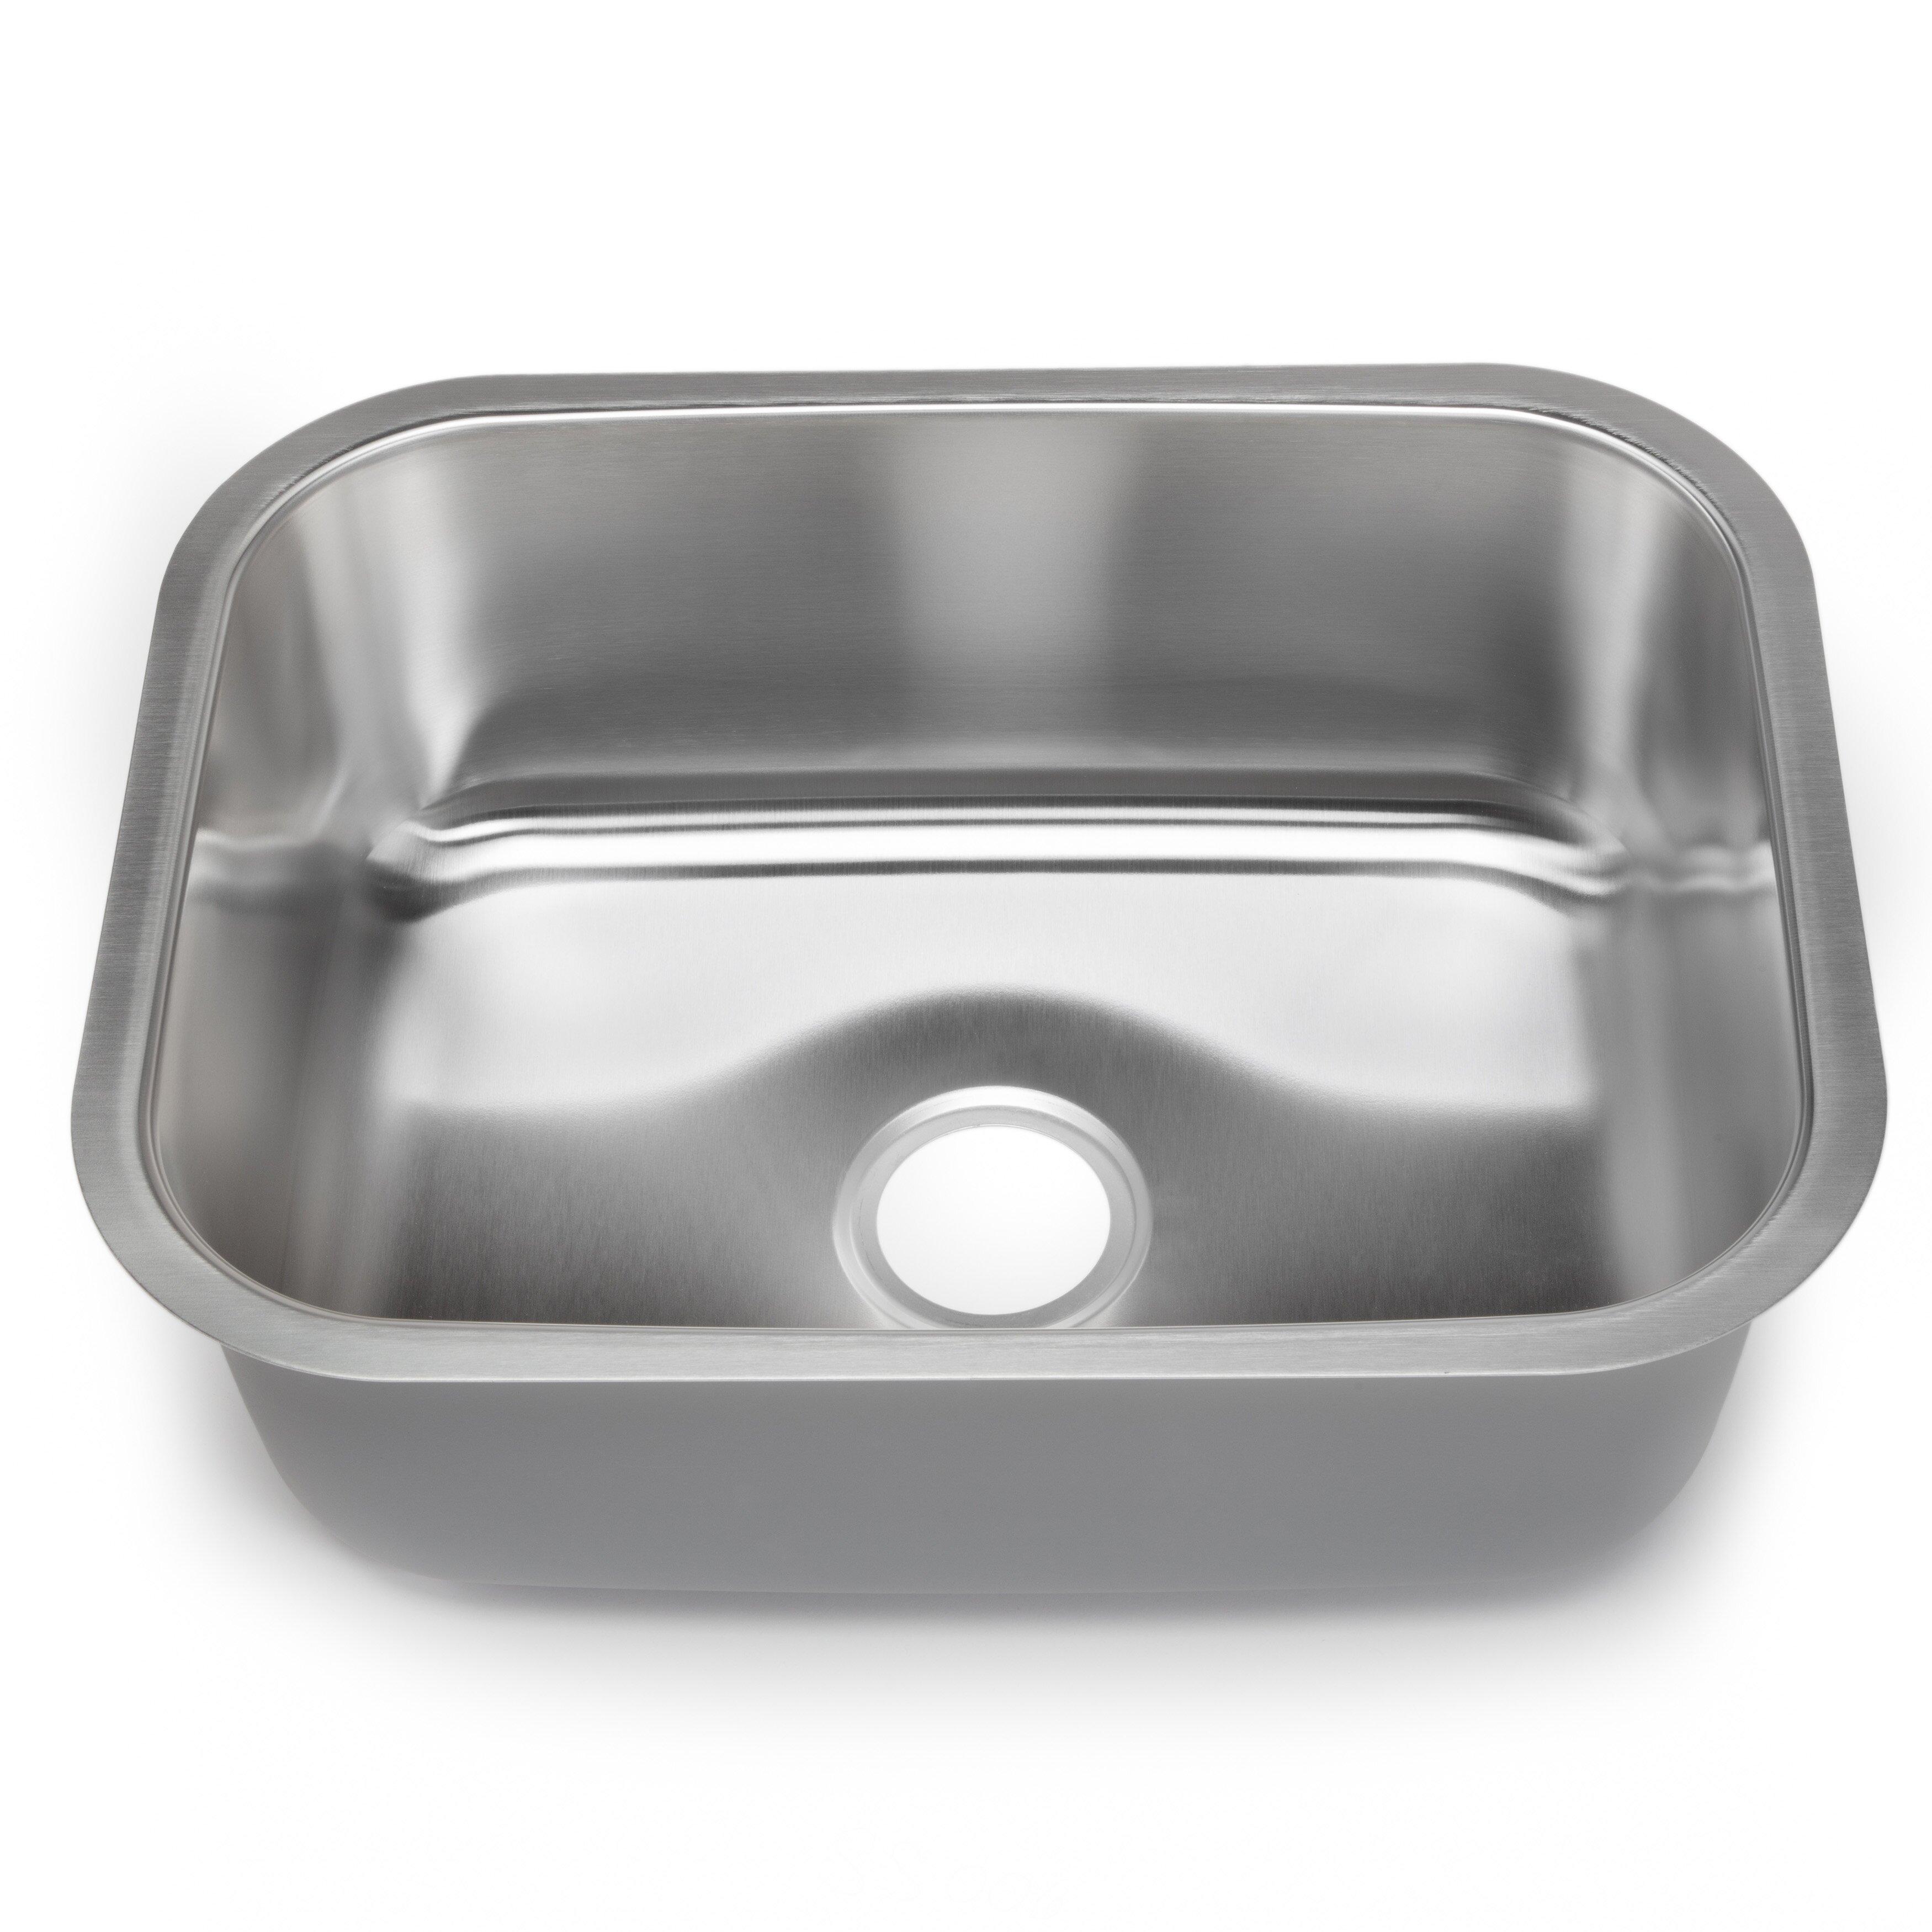 hahn chef series kitchen sinks